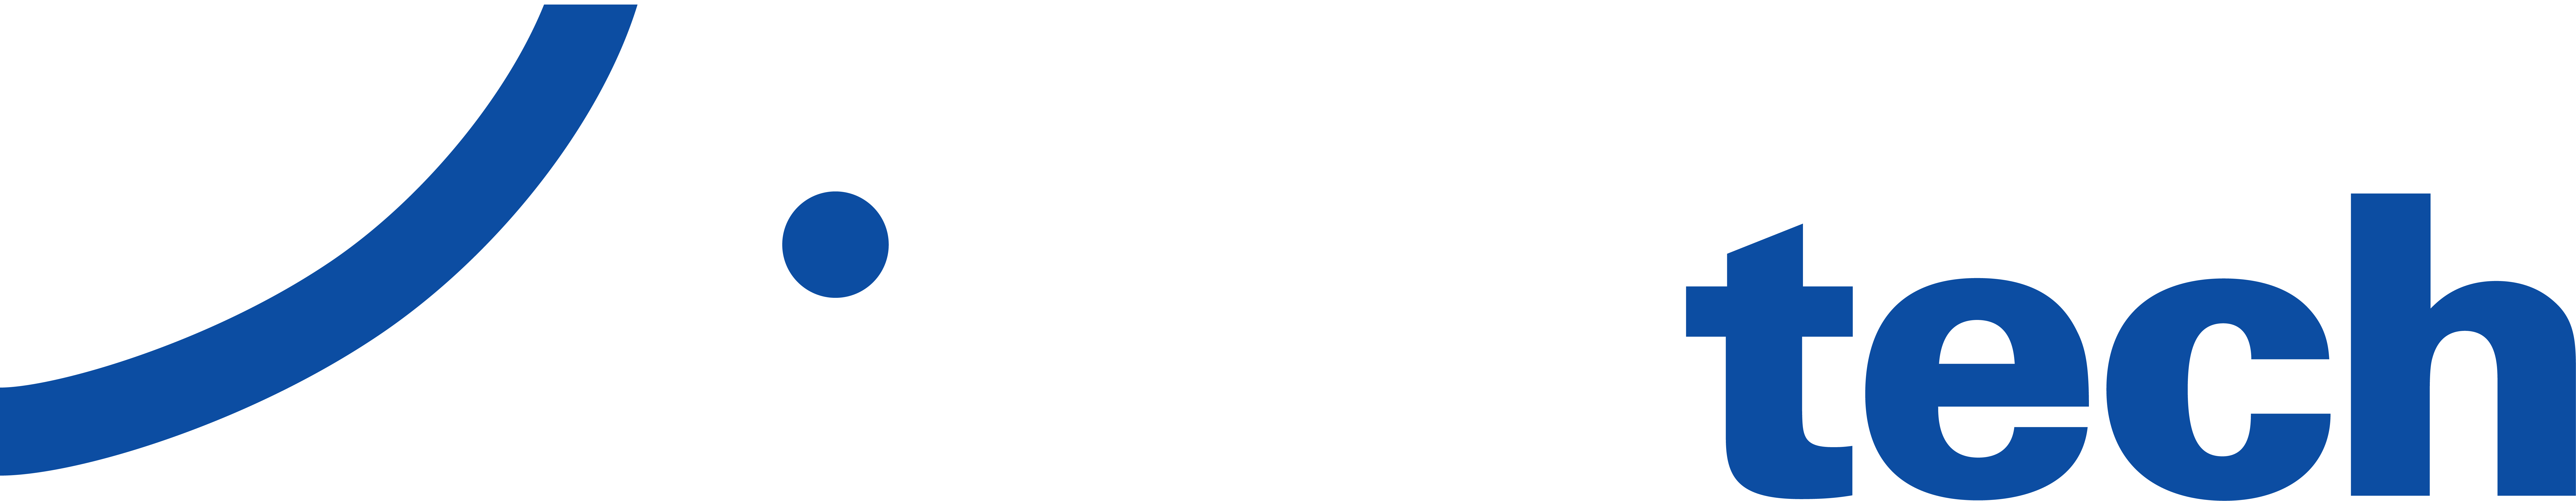 ACR Tech